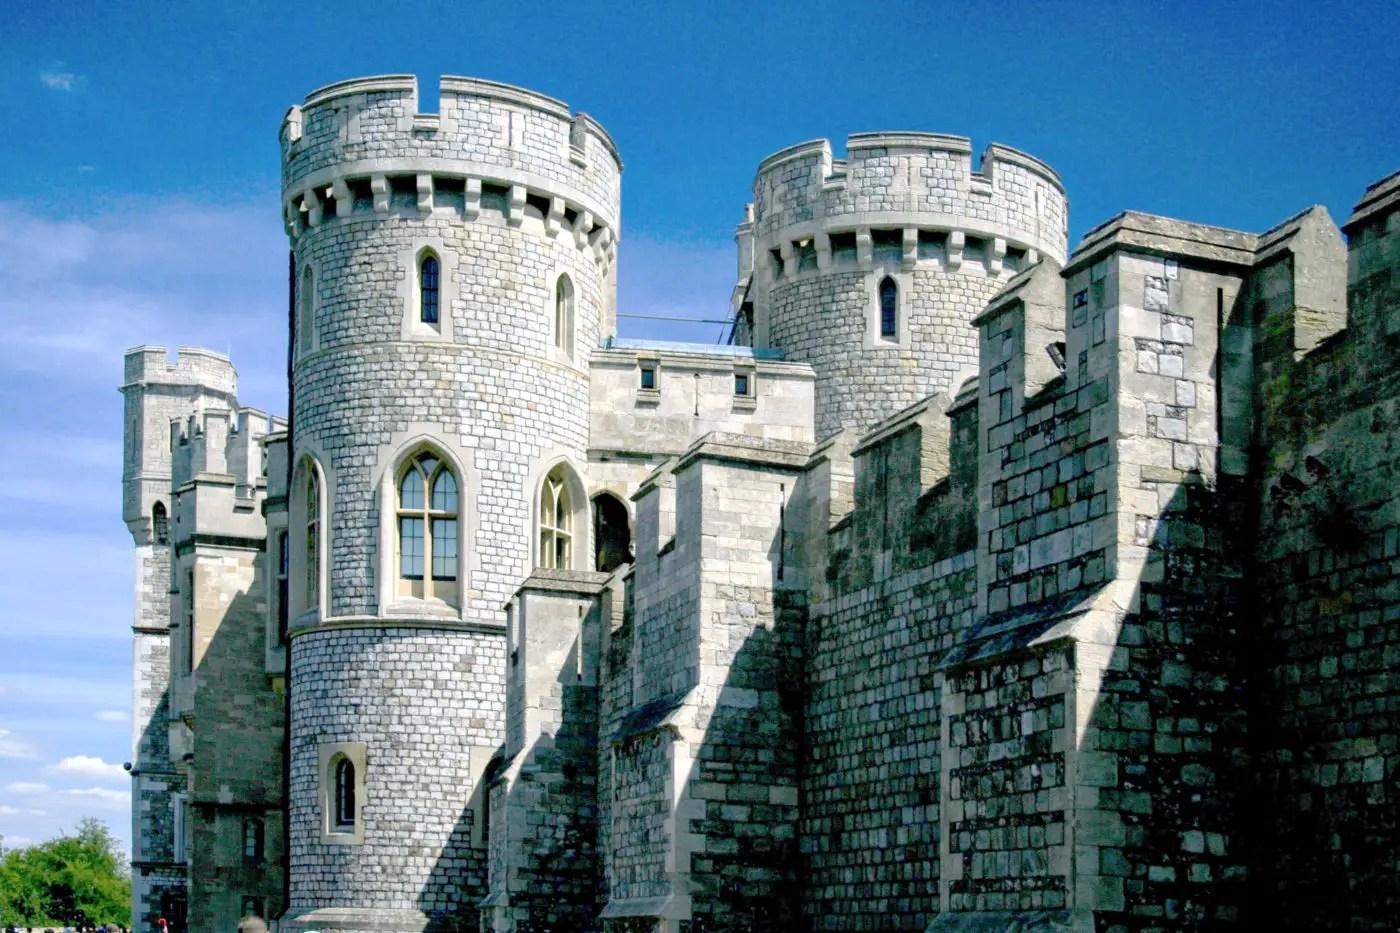 Outside of Windsor Castle Walls | How to Visit Windsor Castle